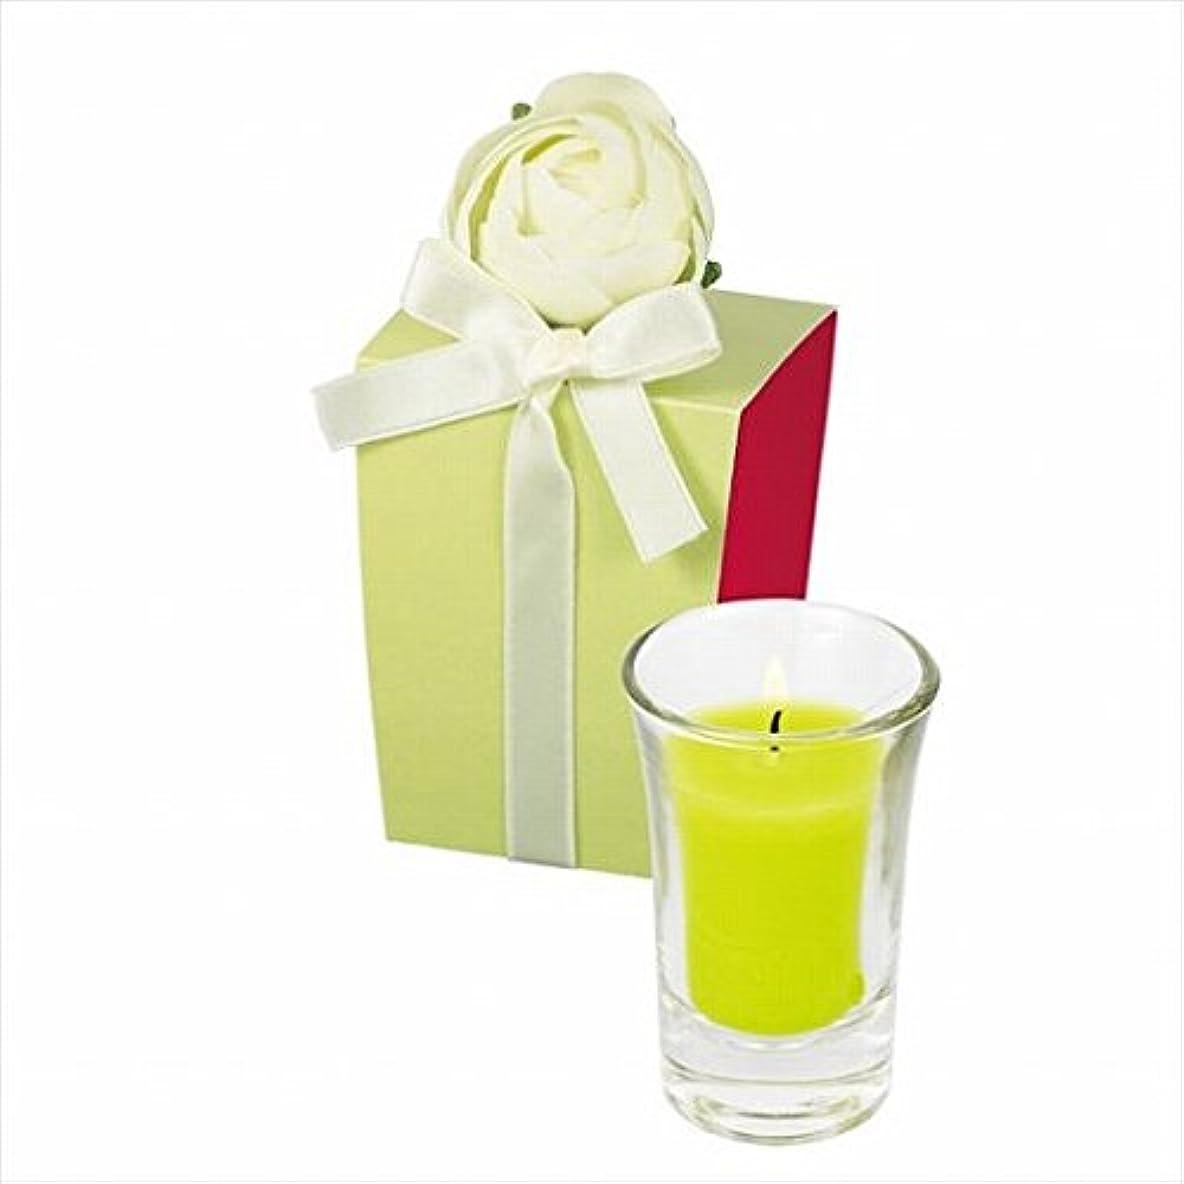 離れてピューヘアカメヤマキャンドル(kameyama candle) ラナンキュラスグラスキャンドル 「 ライトグリーン 」